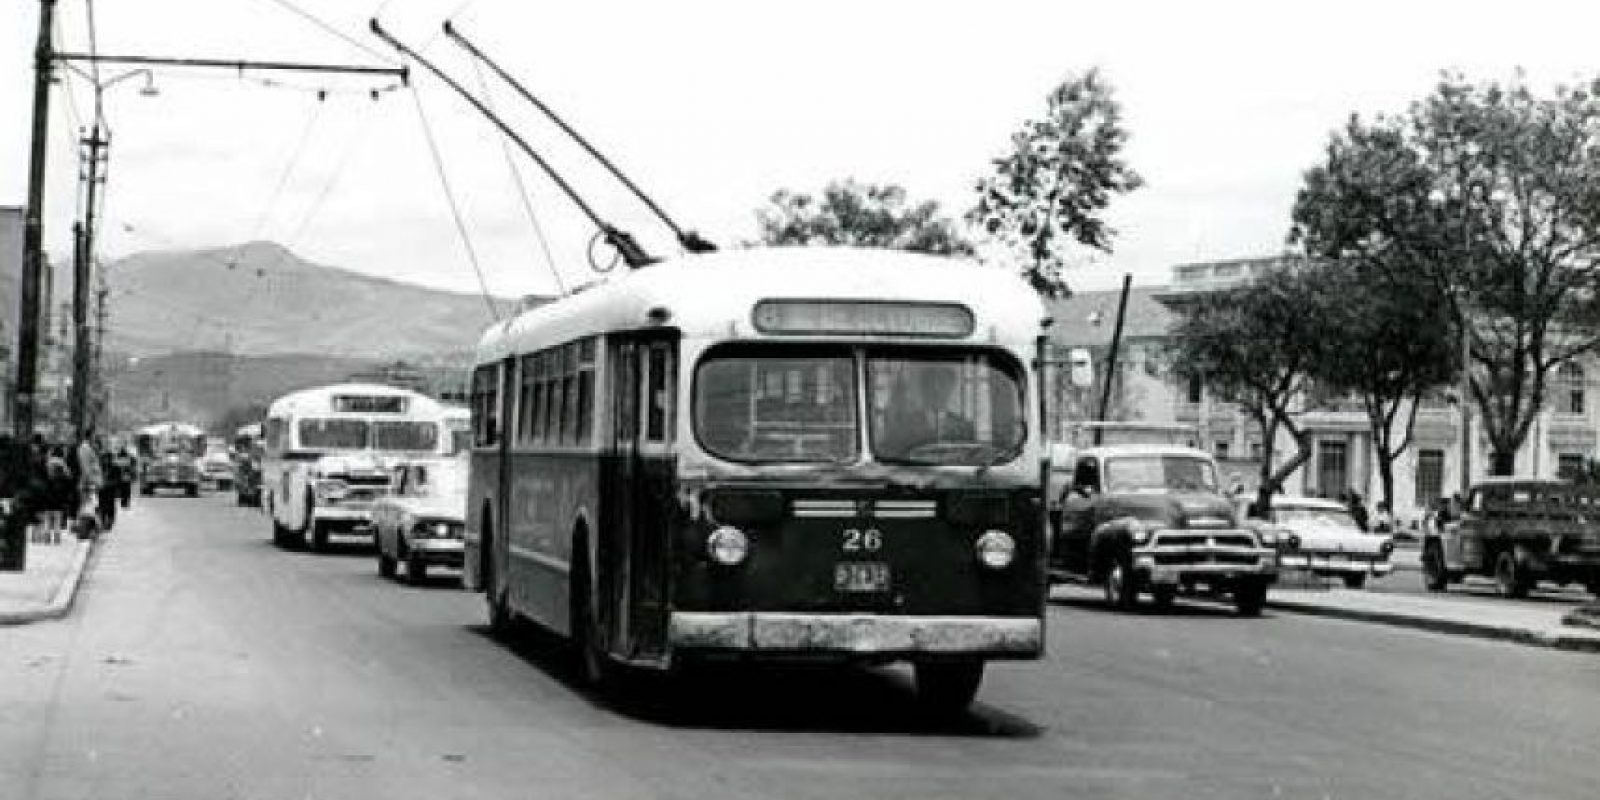 En reemplazo de los tranvias llegaron los Trolebuses. Foto:Facebook / Fotos Antiguas de Bogotá